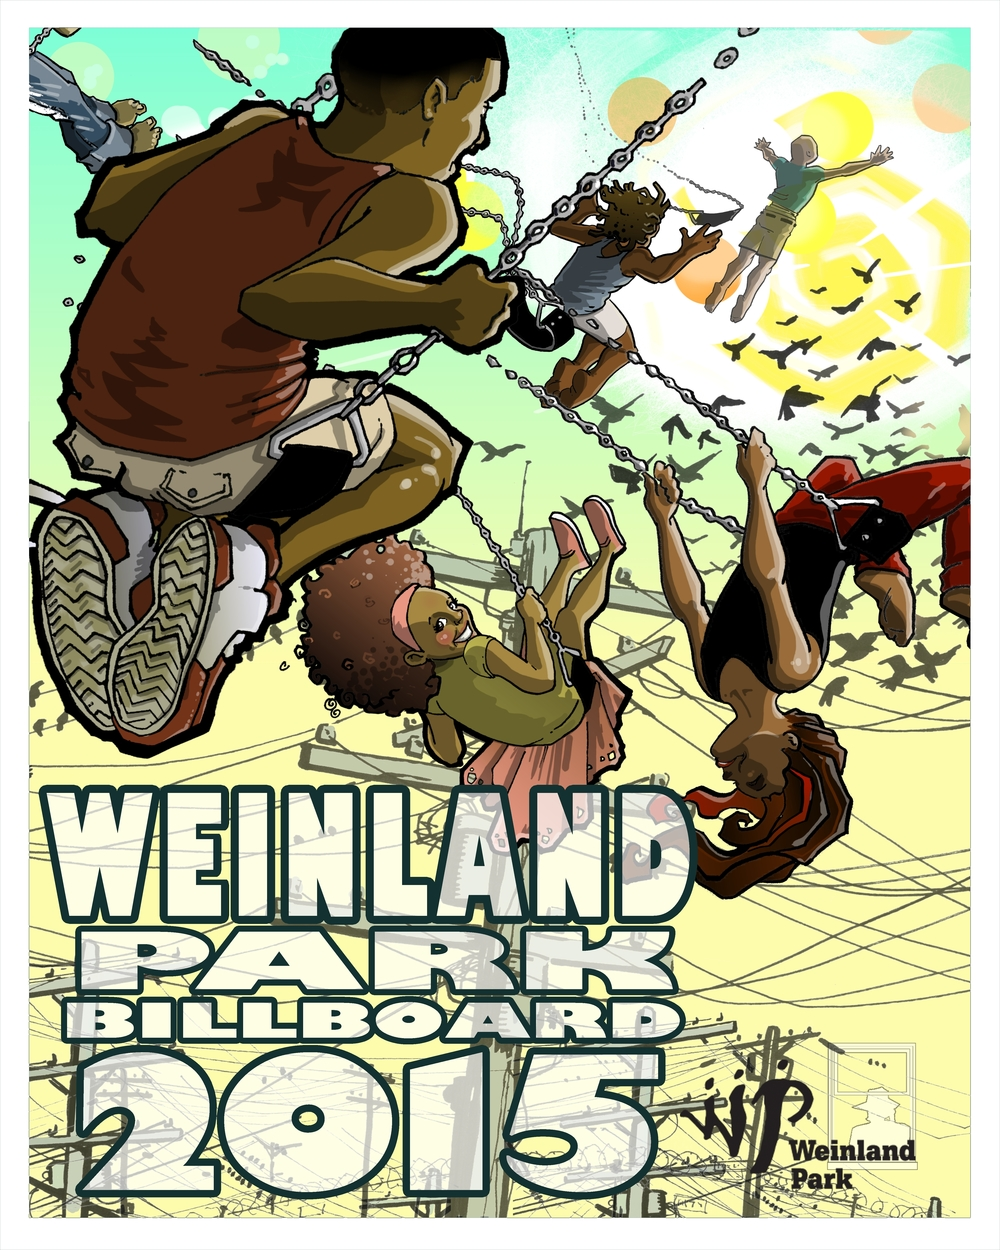 Weinland Park Billboard 2015